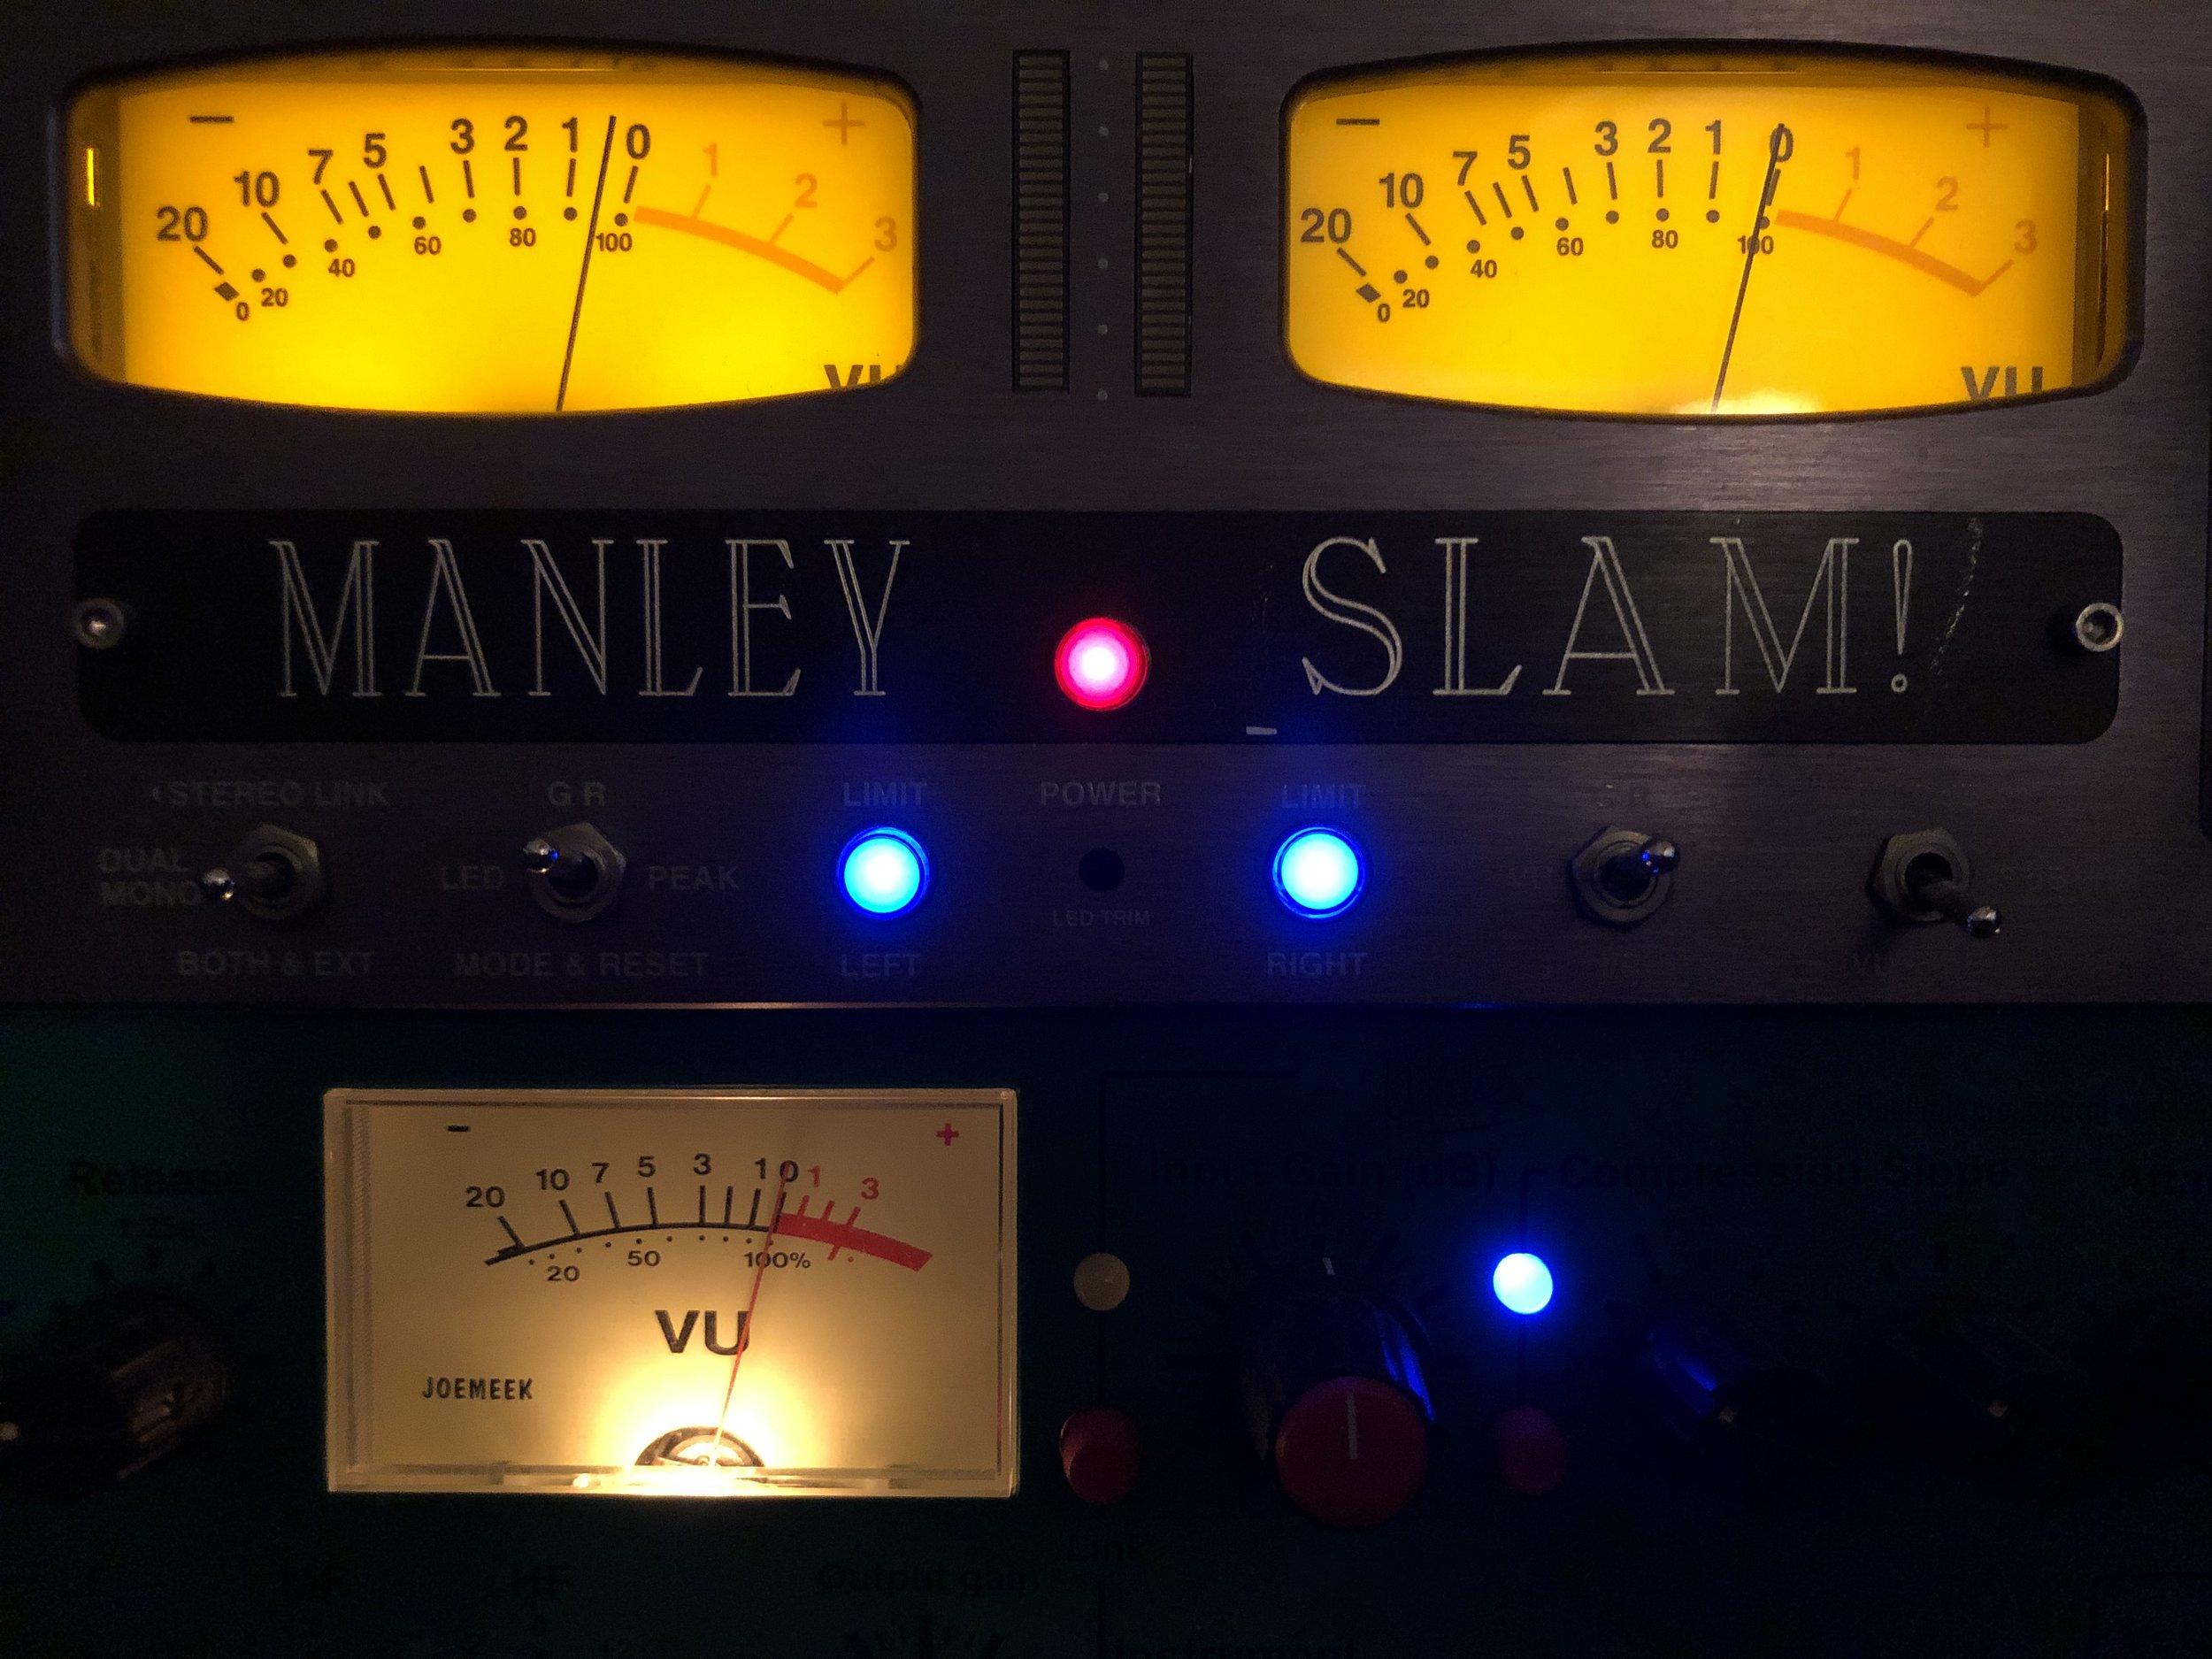 manley slam VU meters.JPG